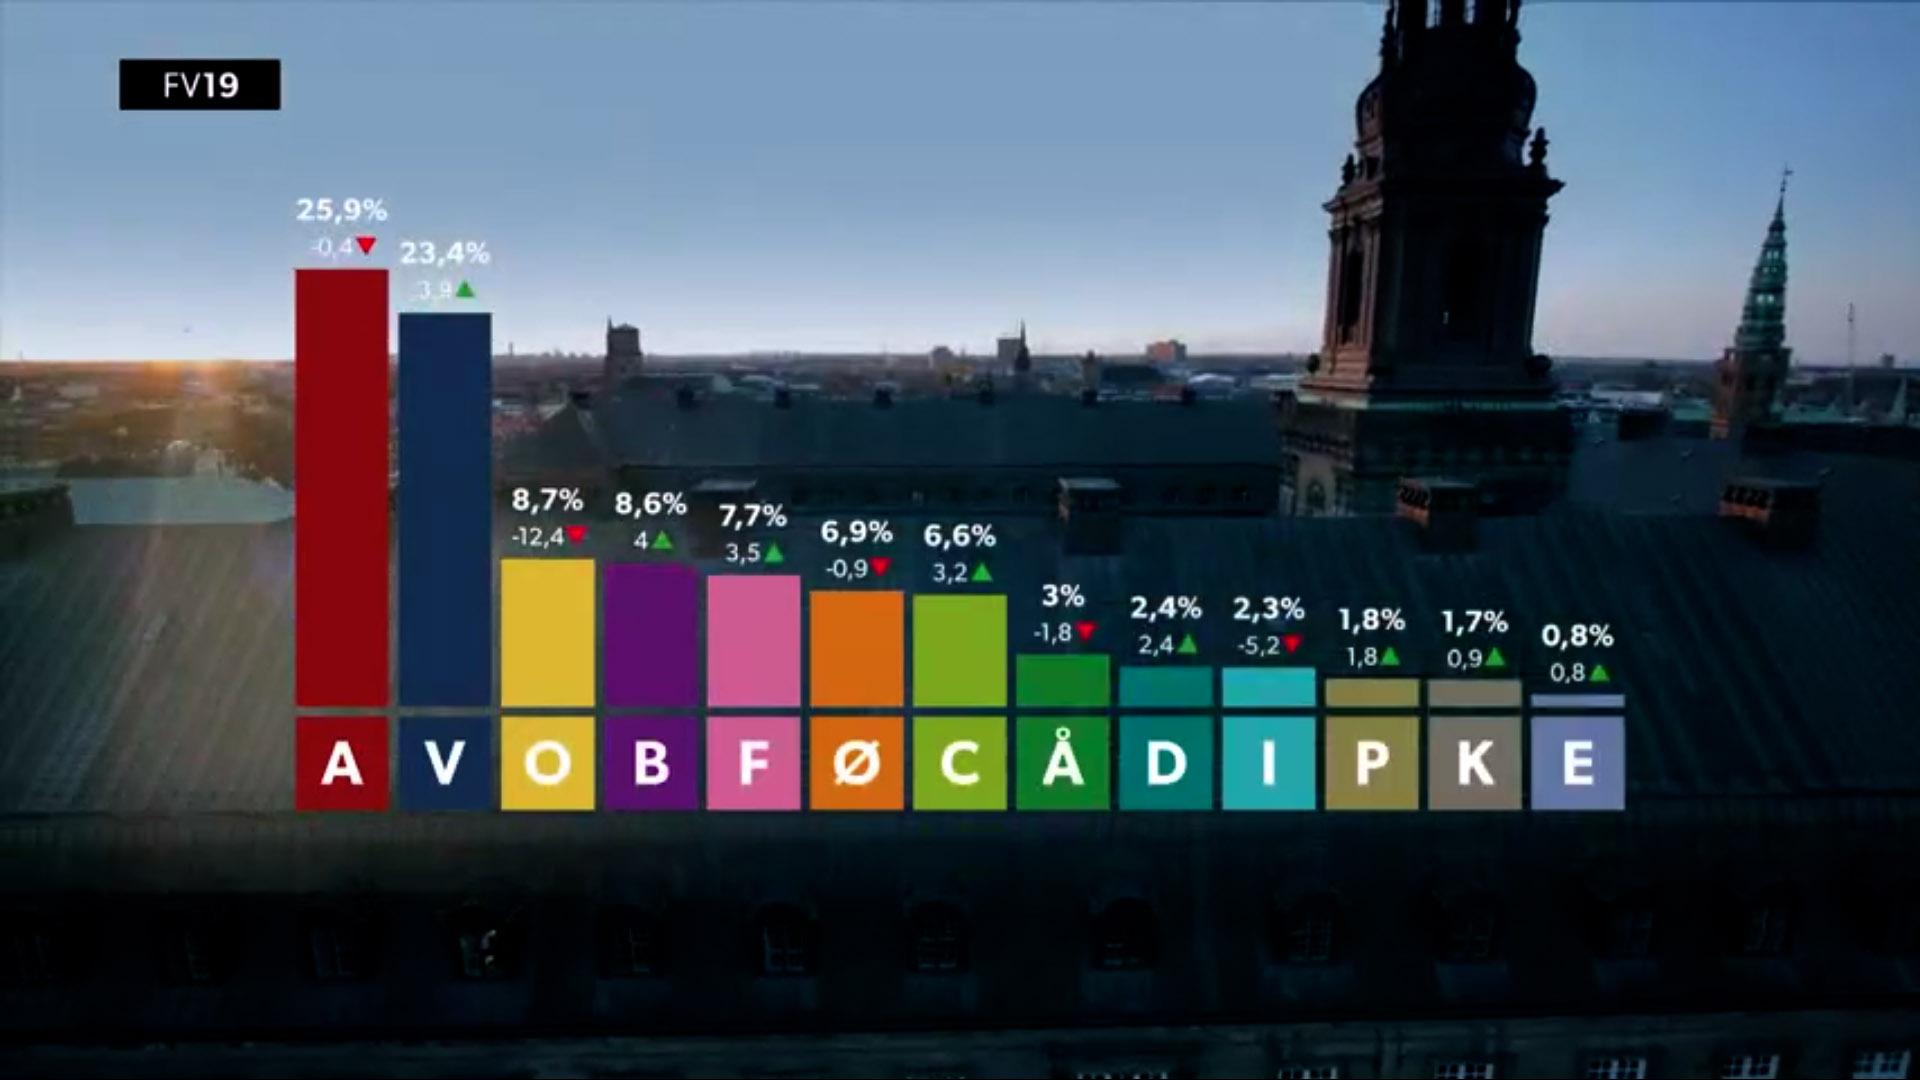 valgresultat.jpg